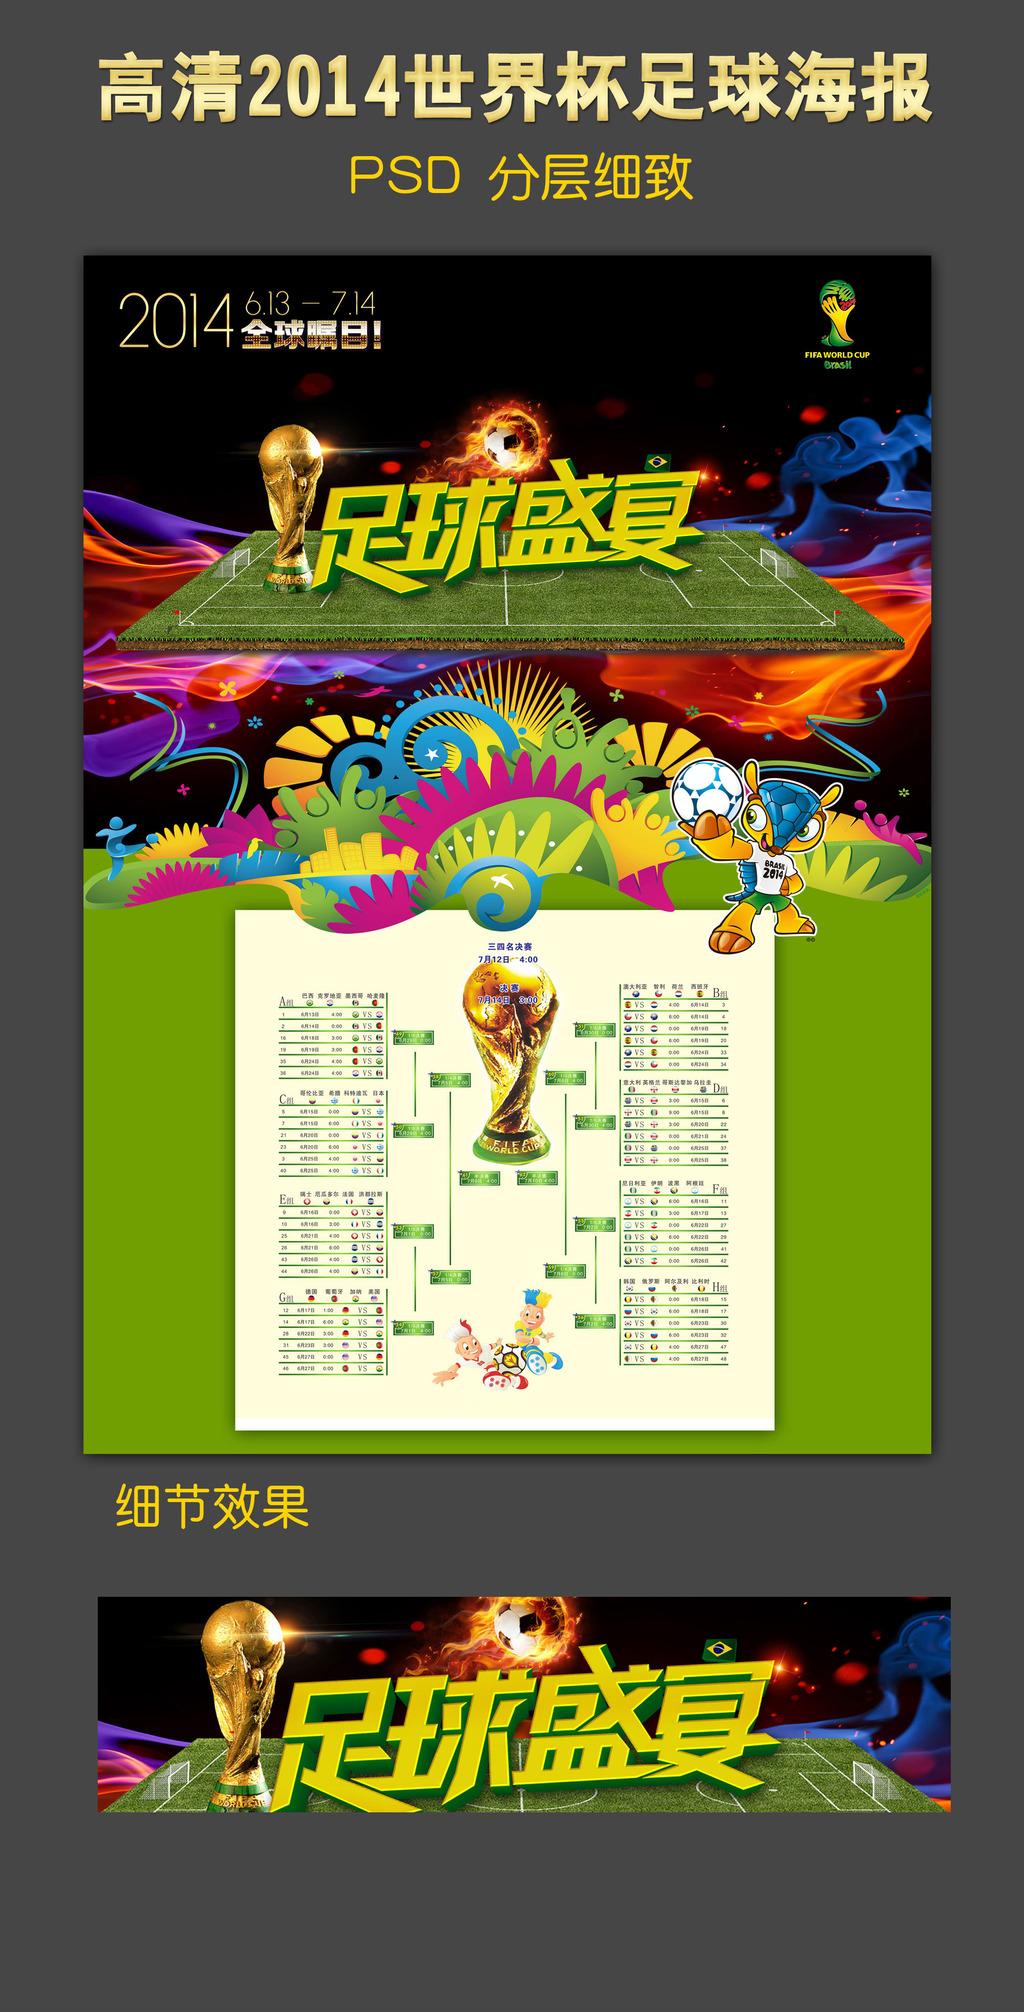 2014巴西足球世界杯海报赛程表模板下载